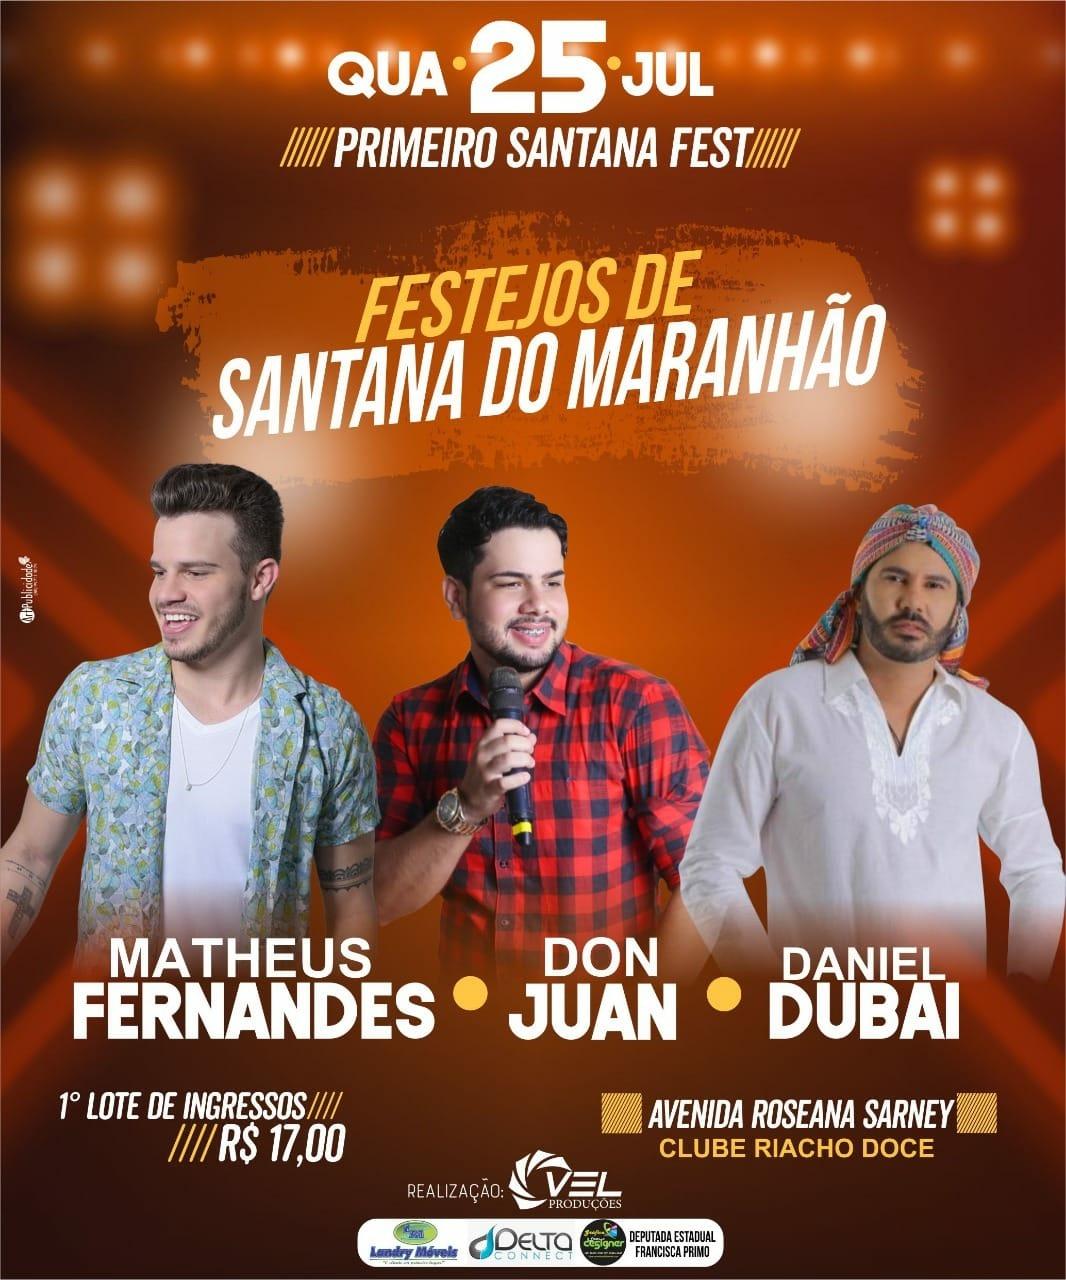 FESTEJOS DE SANTANA DO MARANHÃO